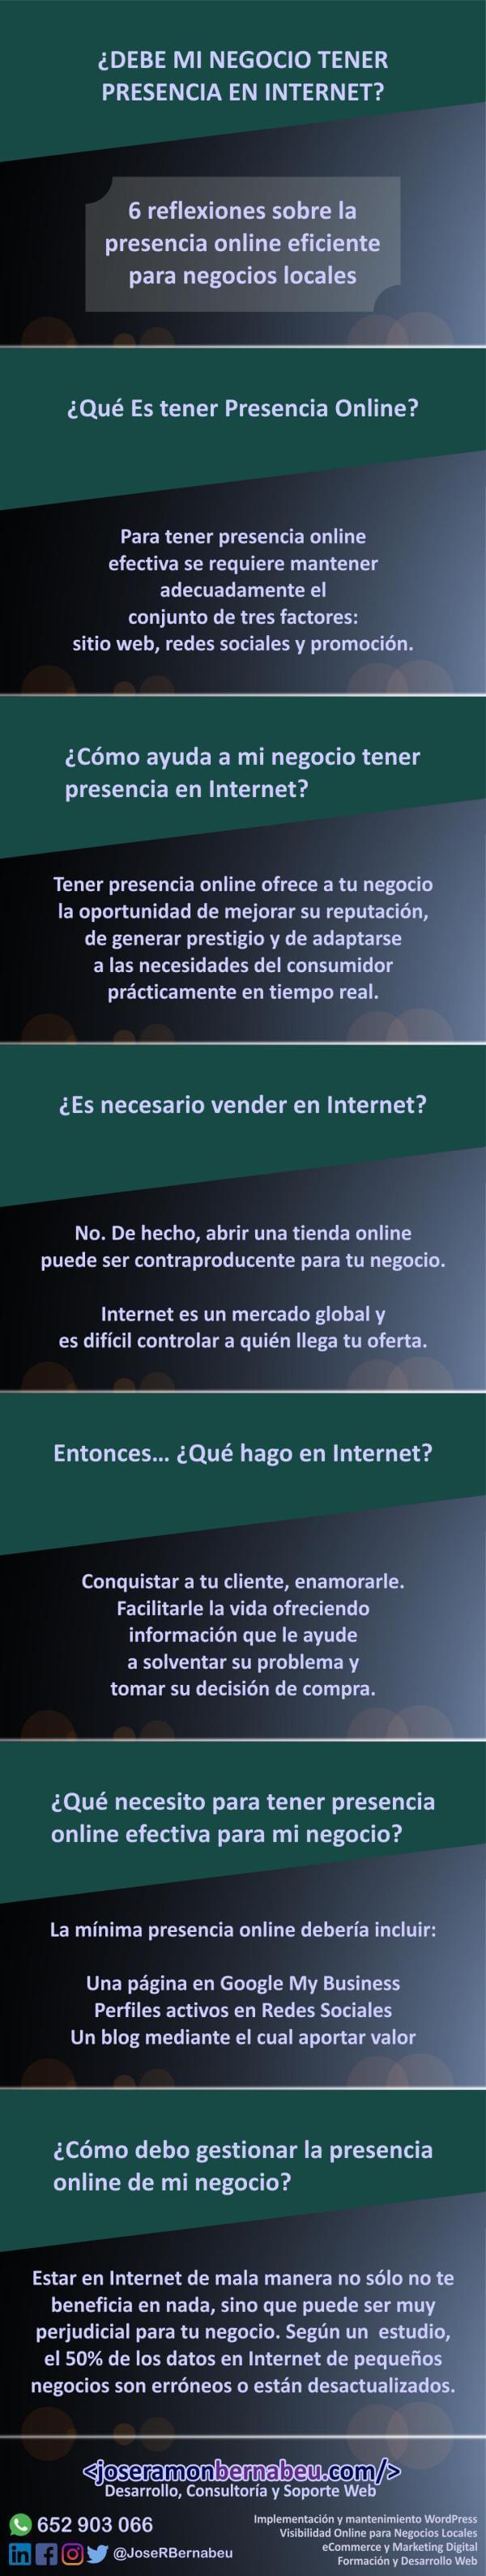 Infografía sobre la presencia online de negocios locales